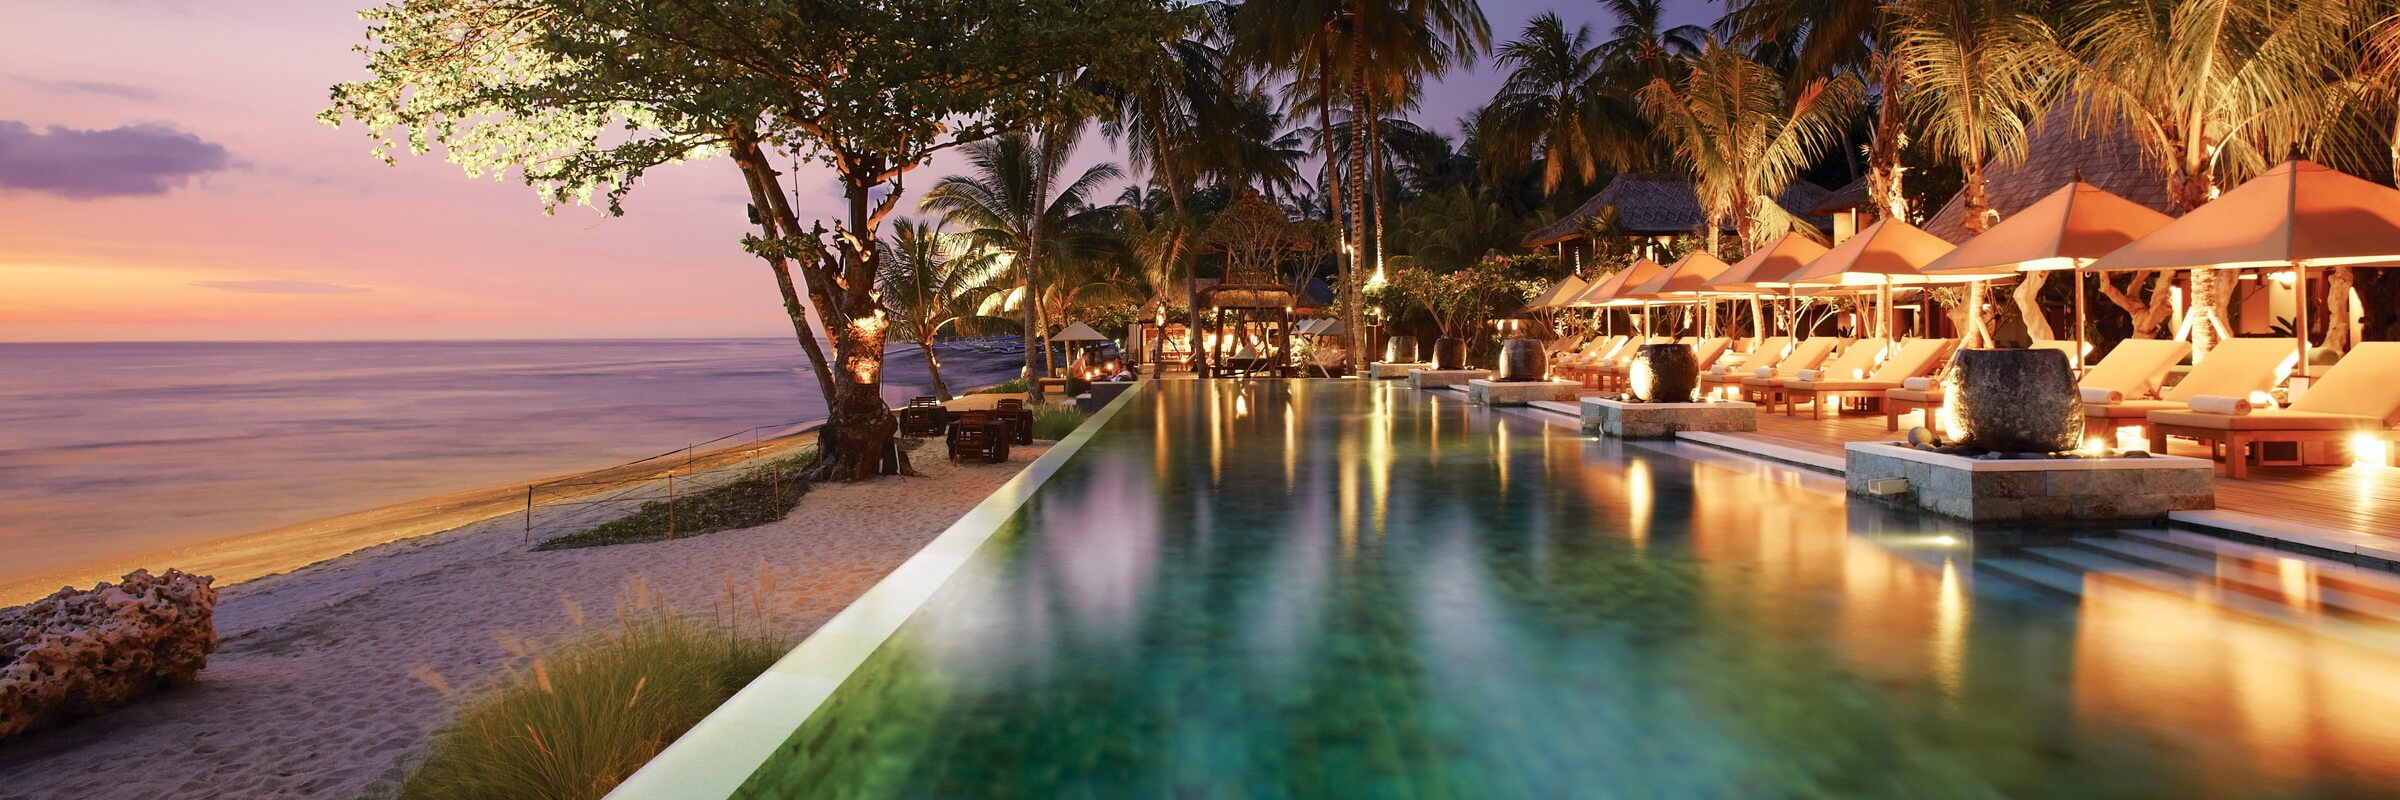 Einladender Pool mit grosser Sonnenterasse und atemberaubendem Meeresblick im Qunci Villas Senggigi Lombok